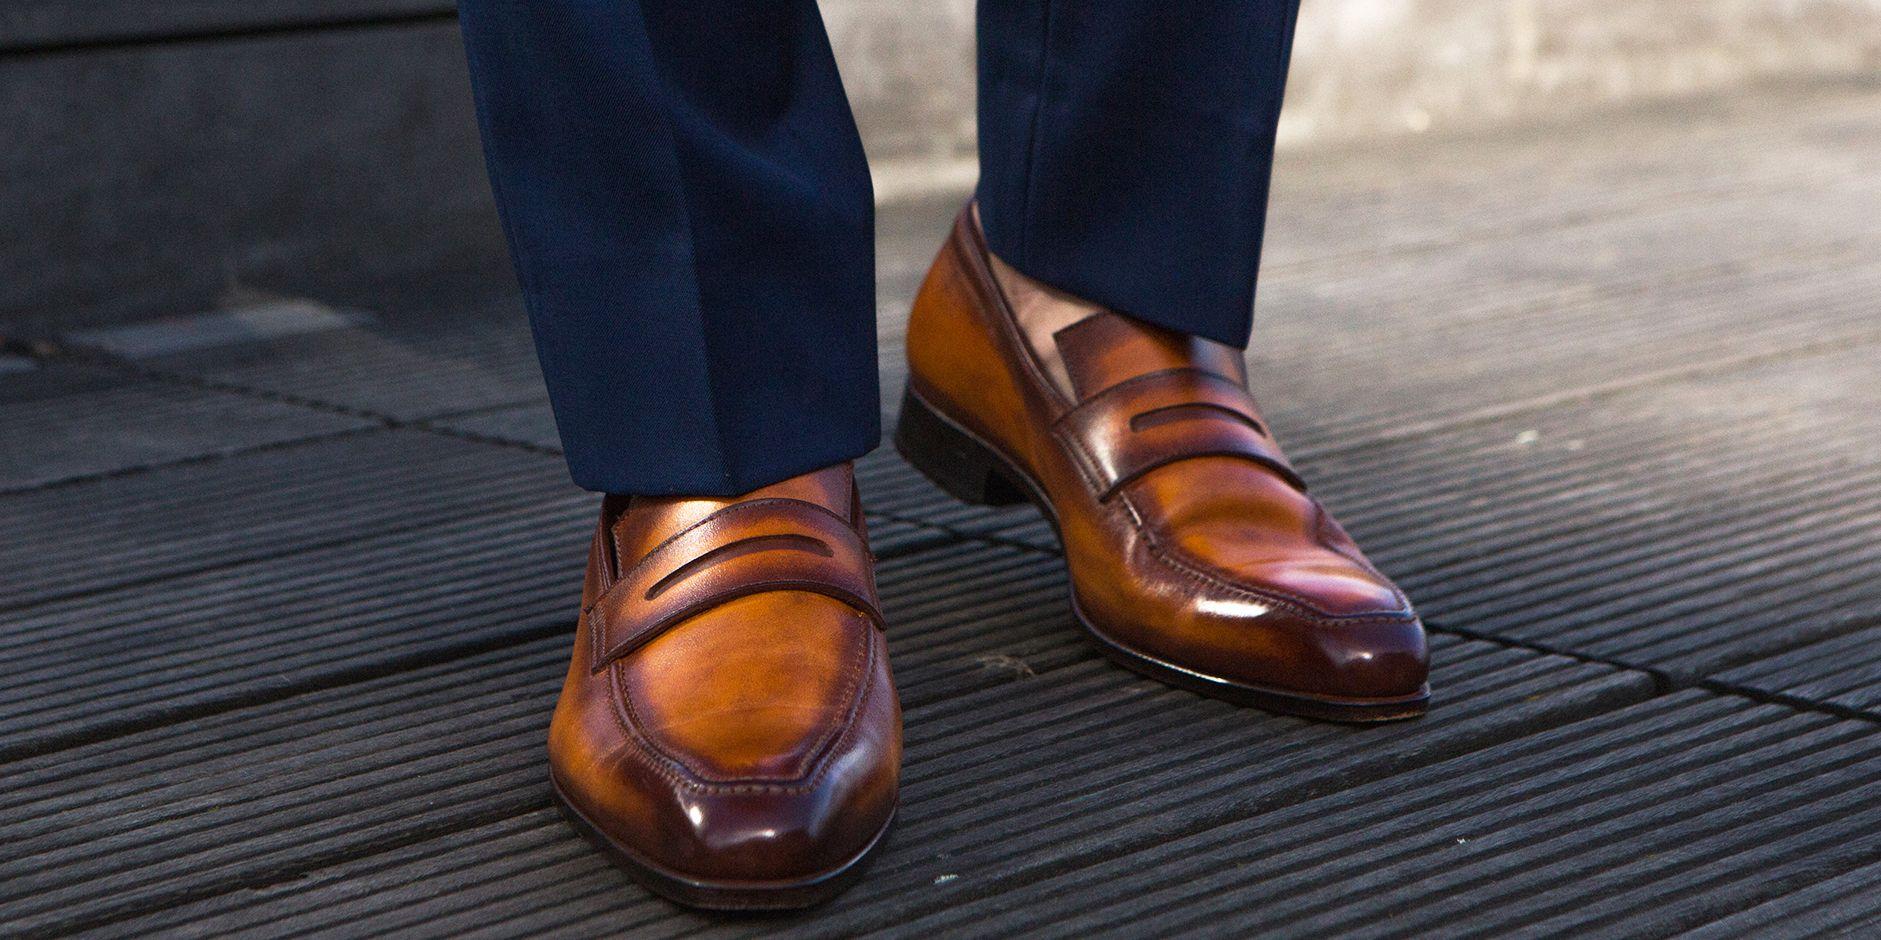 Il segreto per rendere una scarpa unica è la patina